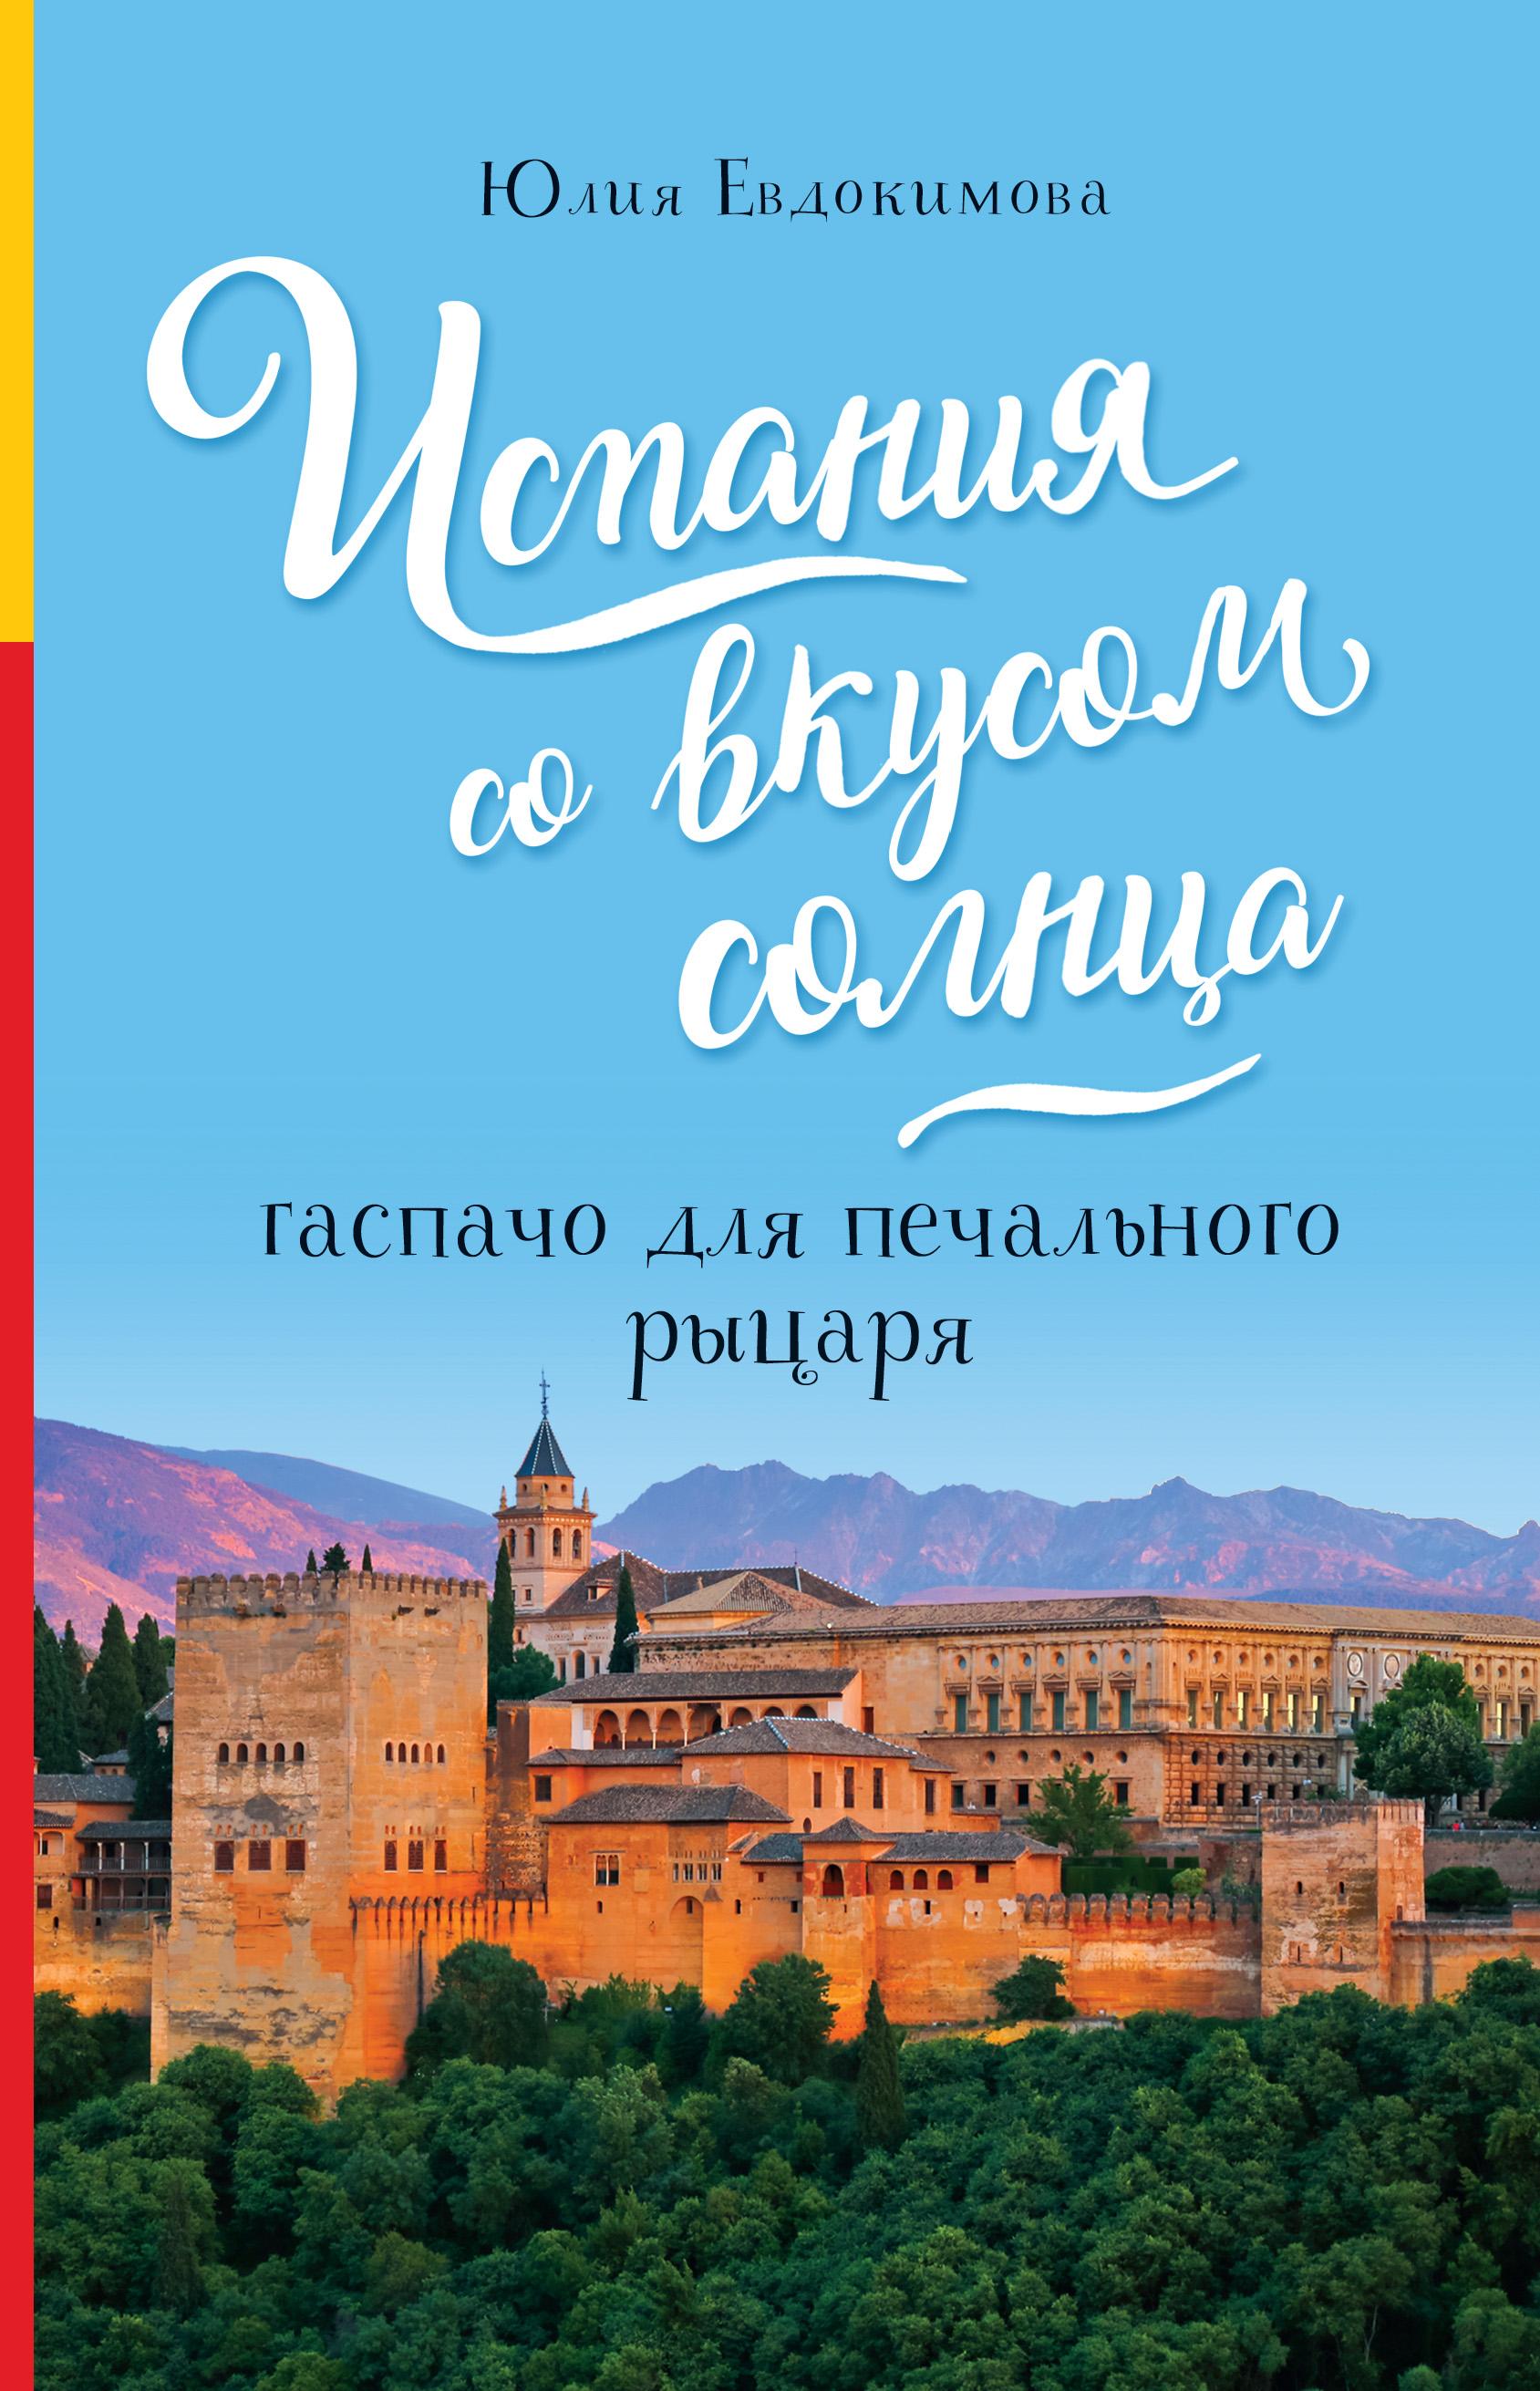 Купить книгу Испания со вкусом солнца. Гаспачо для печального рыцаря, автора Юлии Евдокимовой